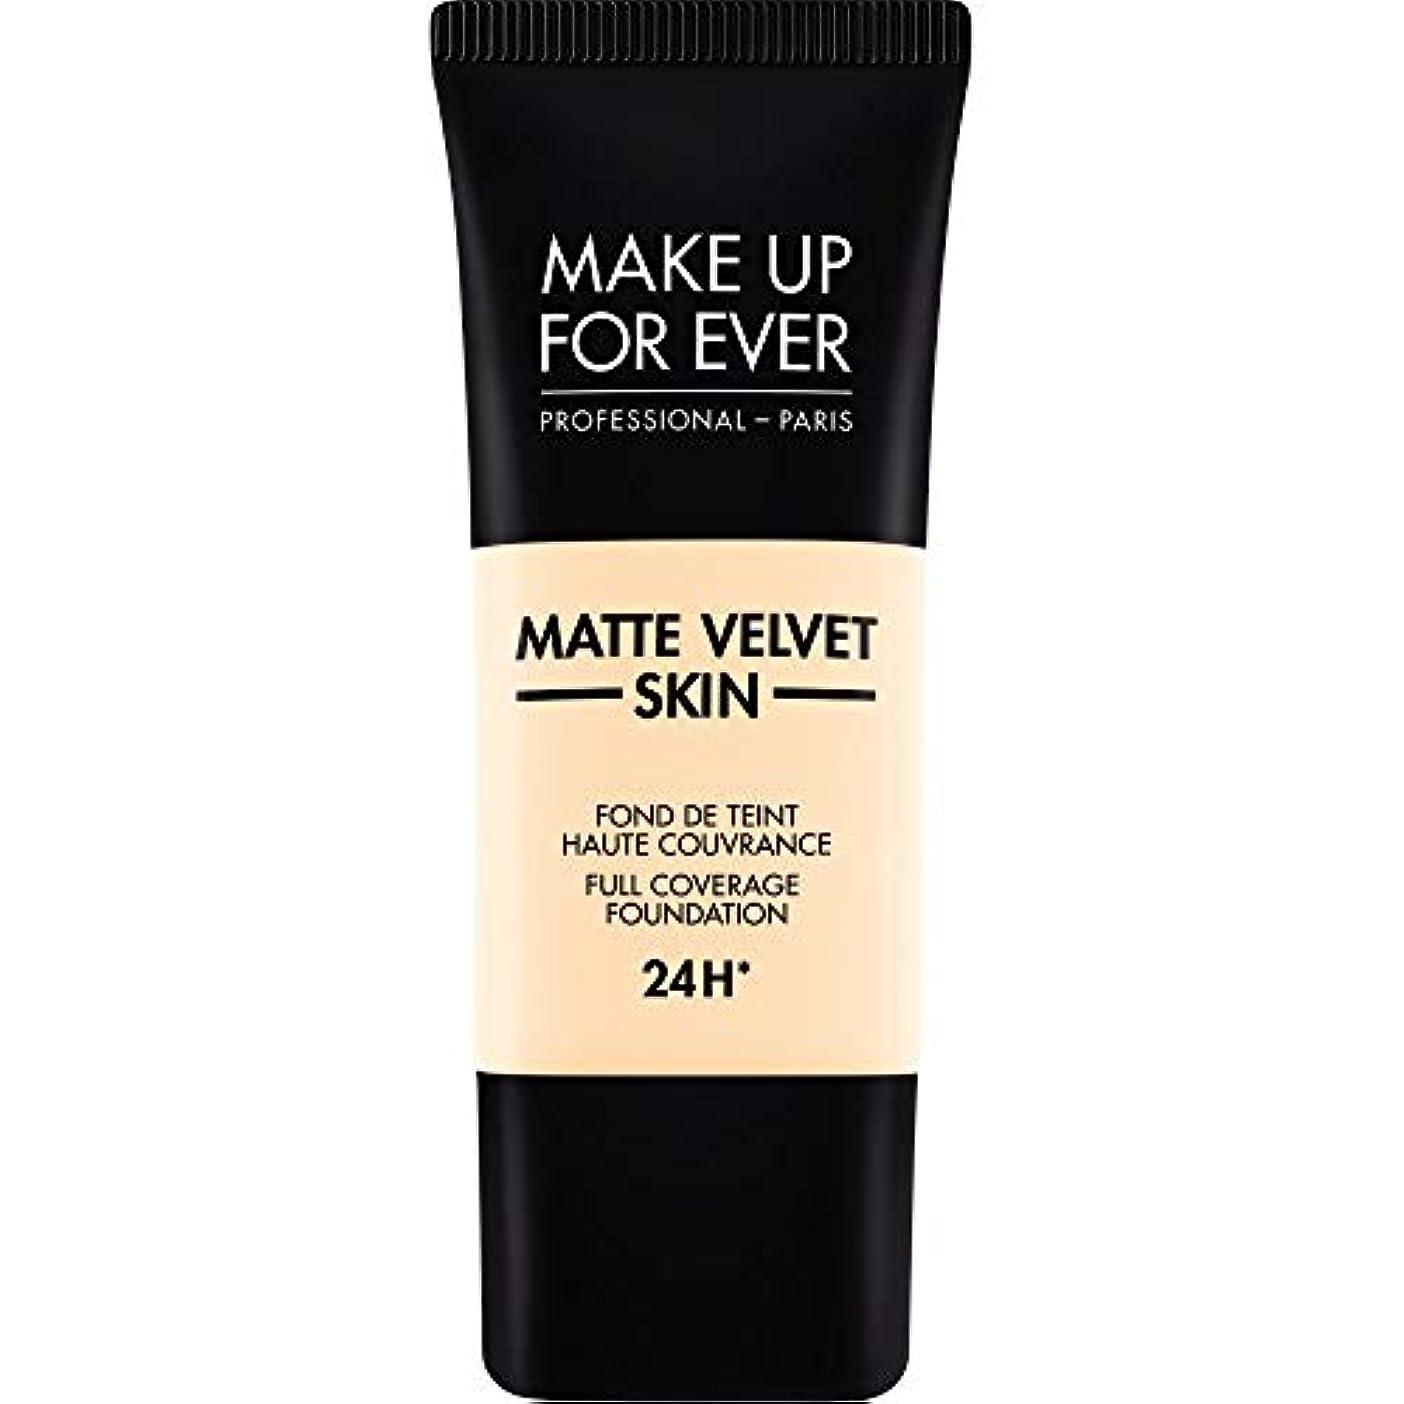 乱気流寂しいパトロール[MAKE UP FOR EVER] これまでマットベルベットの皮膚のフルカバレッジ基礎30ミリリットルのY205を補う - アラバスター - MAKE UP FOR EVER Matte Velvet Skin Full...